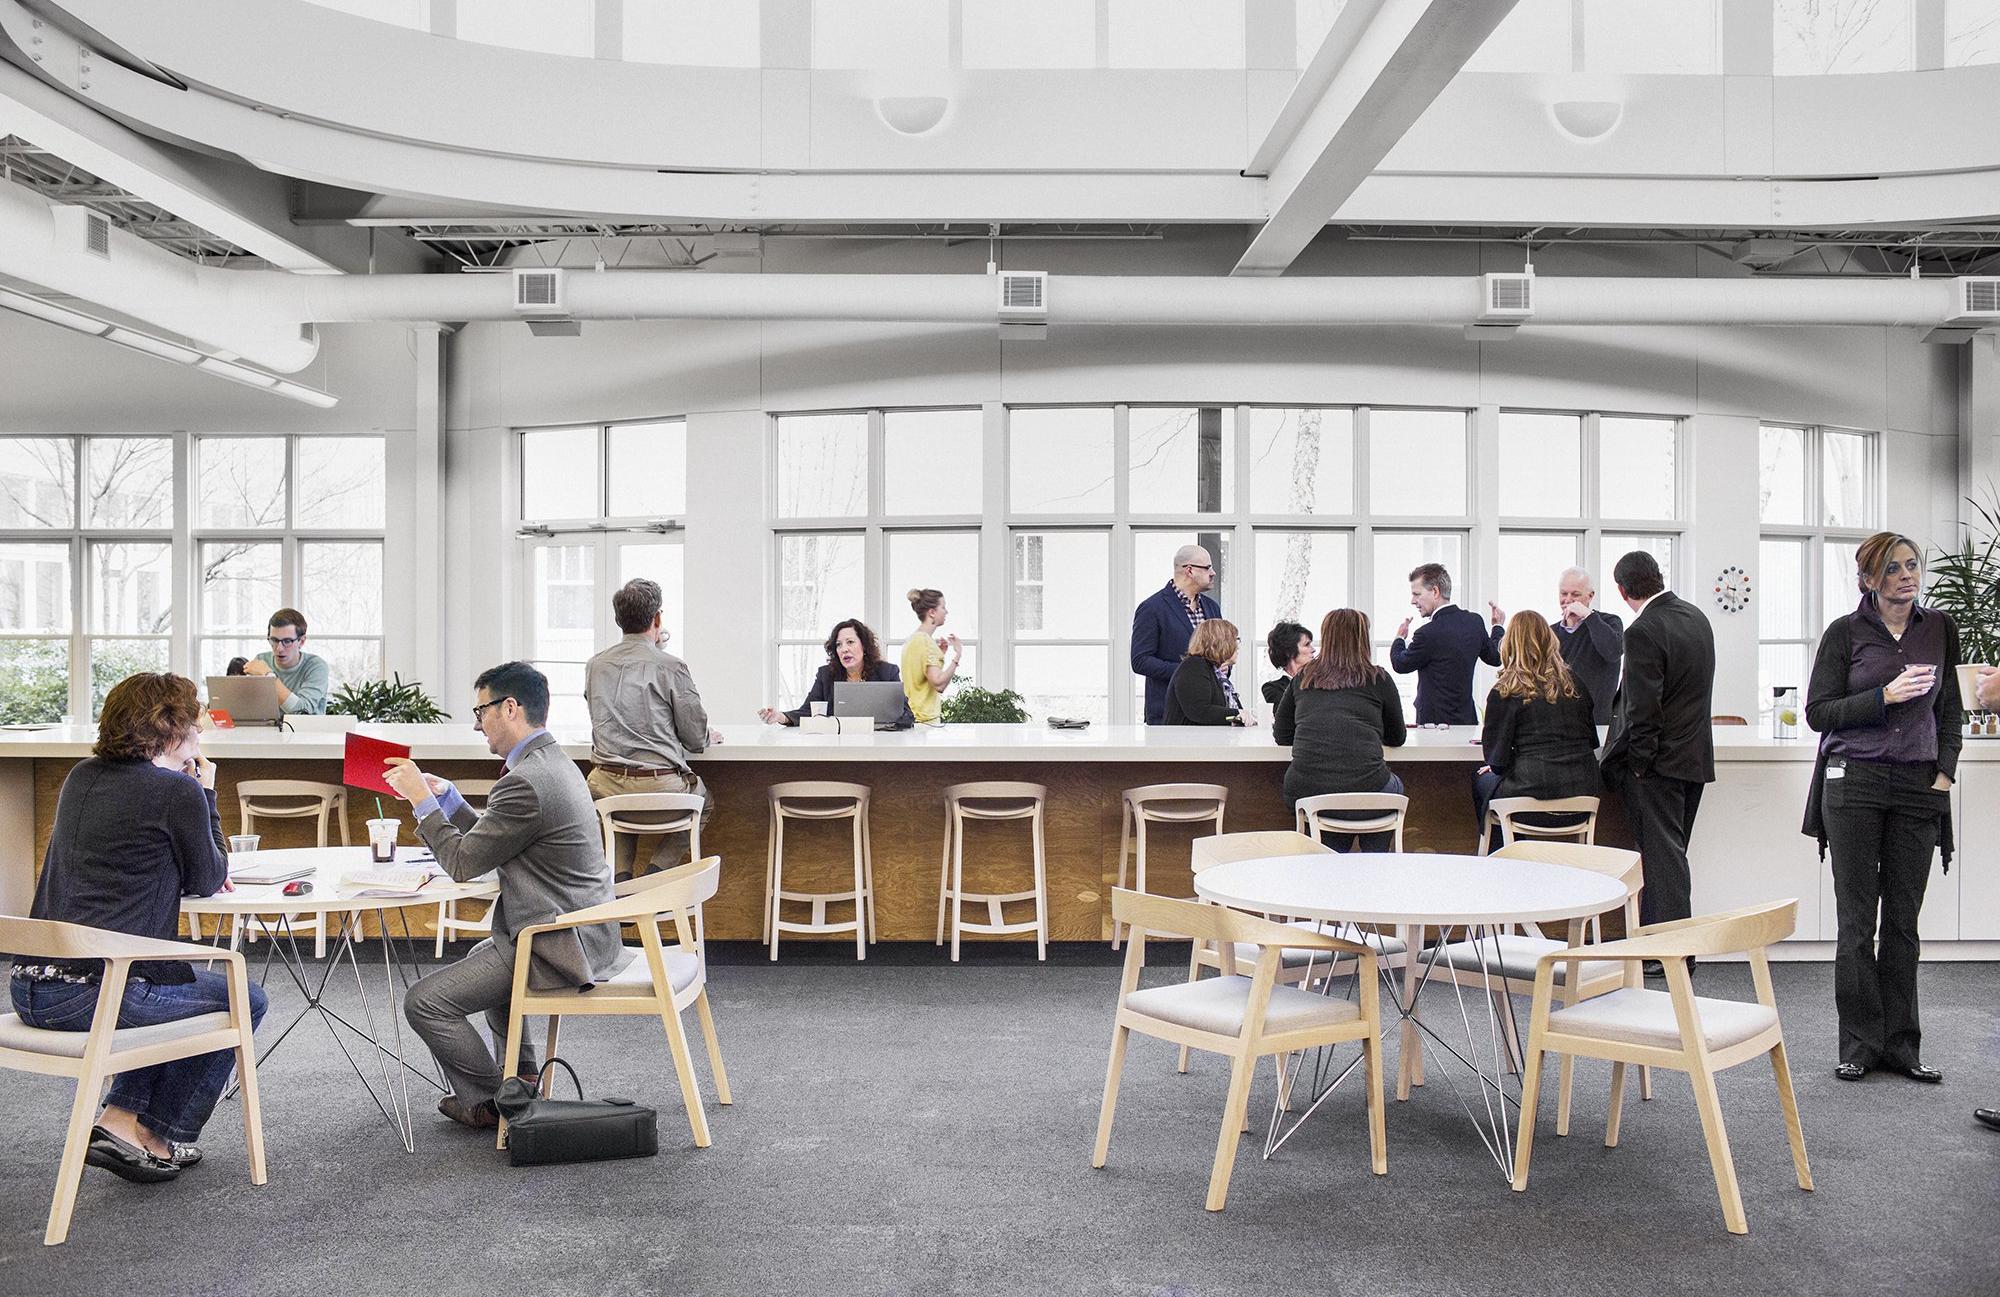 Claves para construir espacios de trabajo colaborativos, Cortesia de Herman Miller